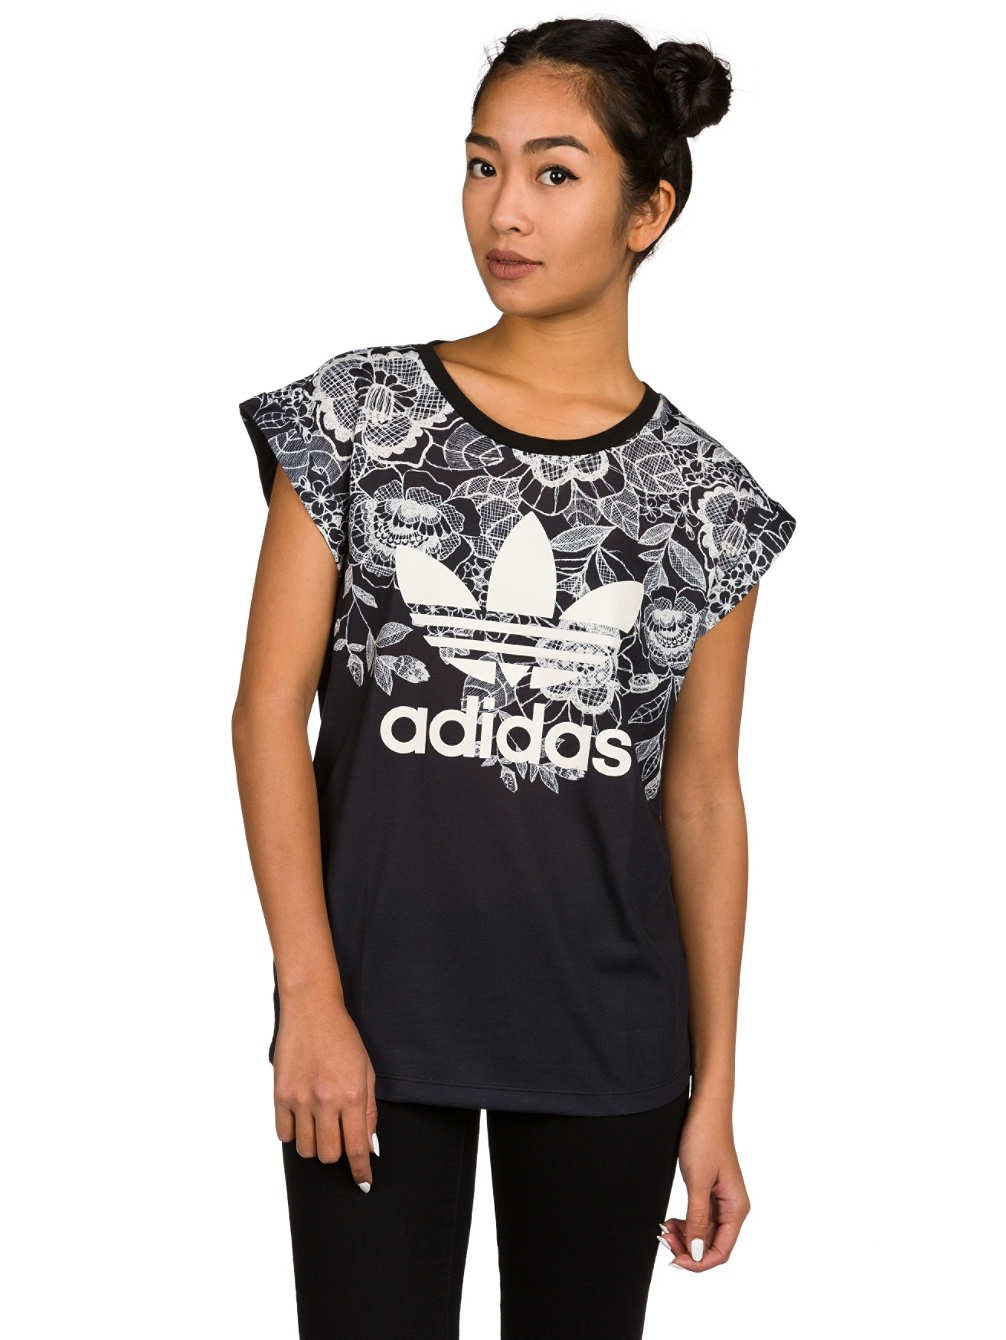 adidas originals shirt damen